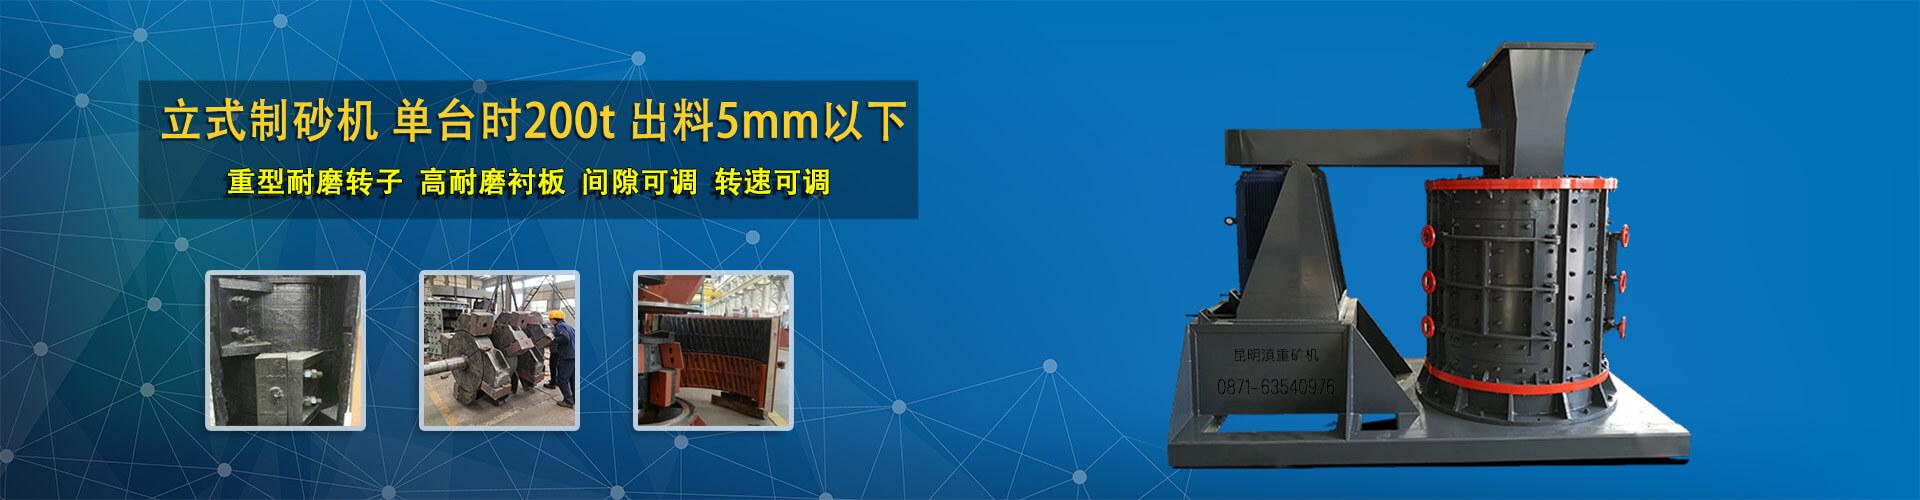 数控调速的立式打砂机可以实现出料实时调整